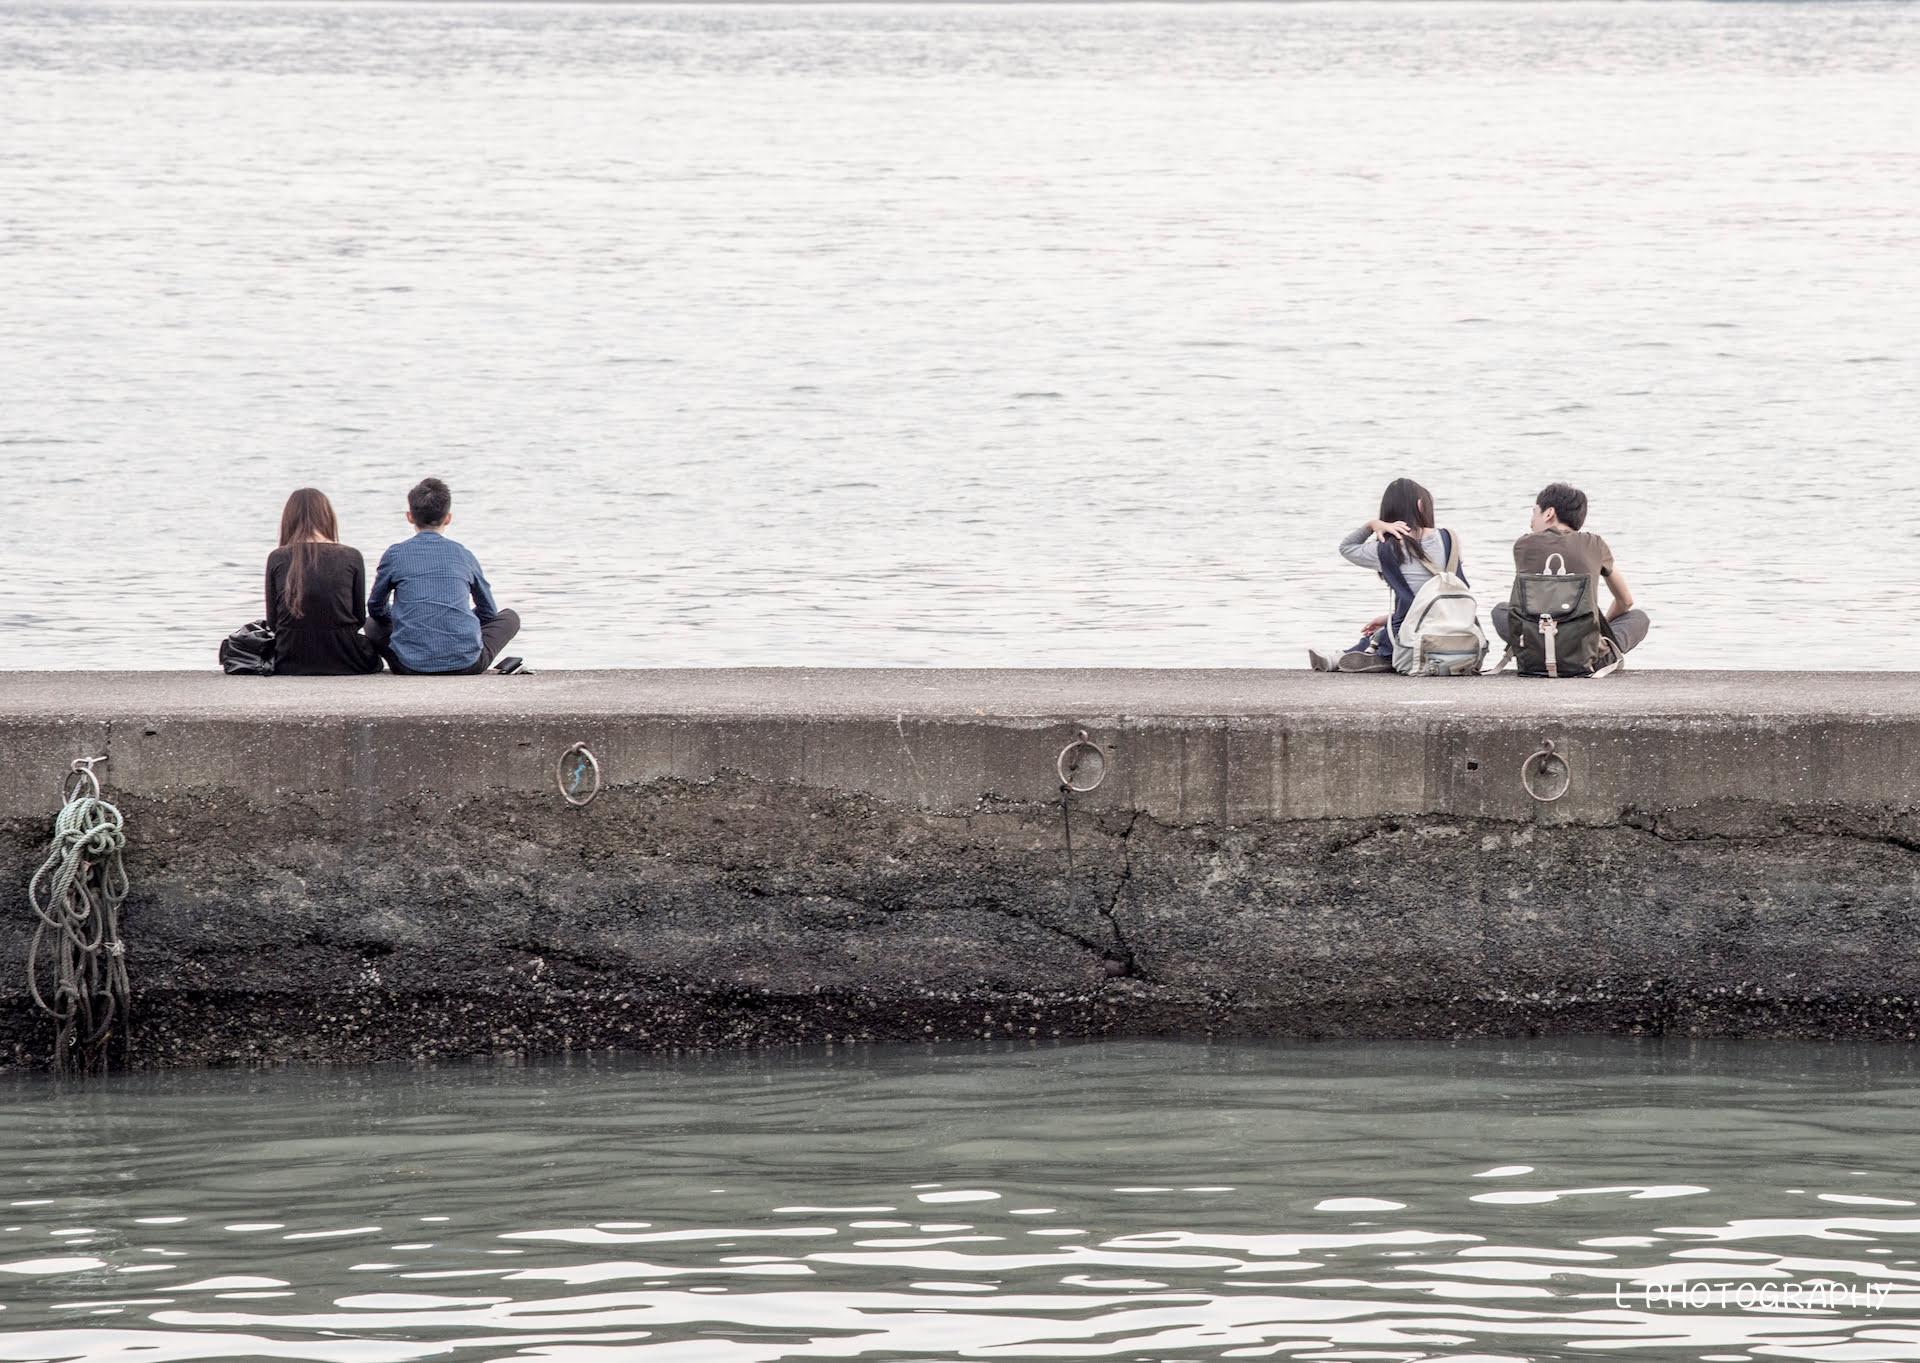 距離|淡水第一漁港|20170405